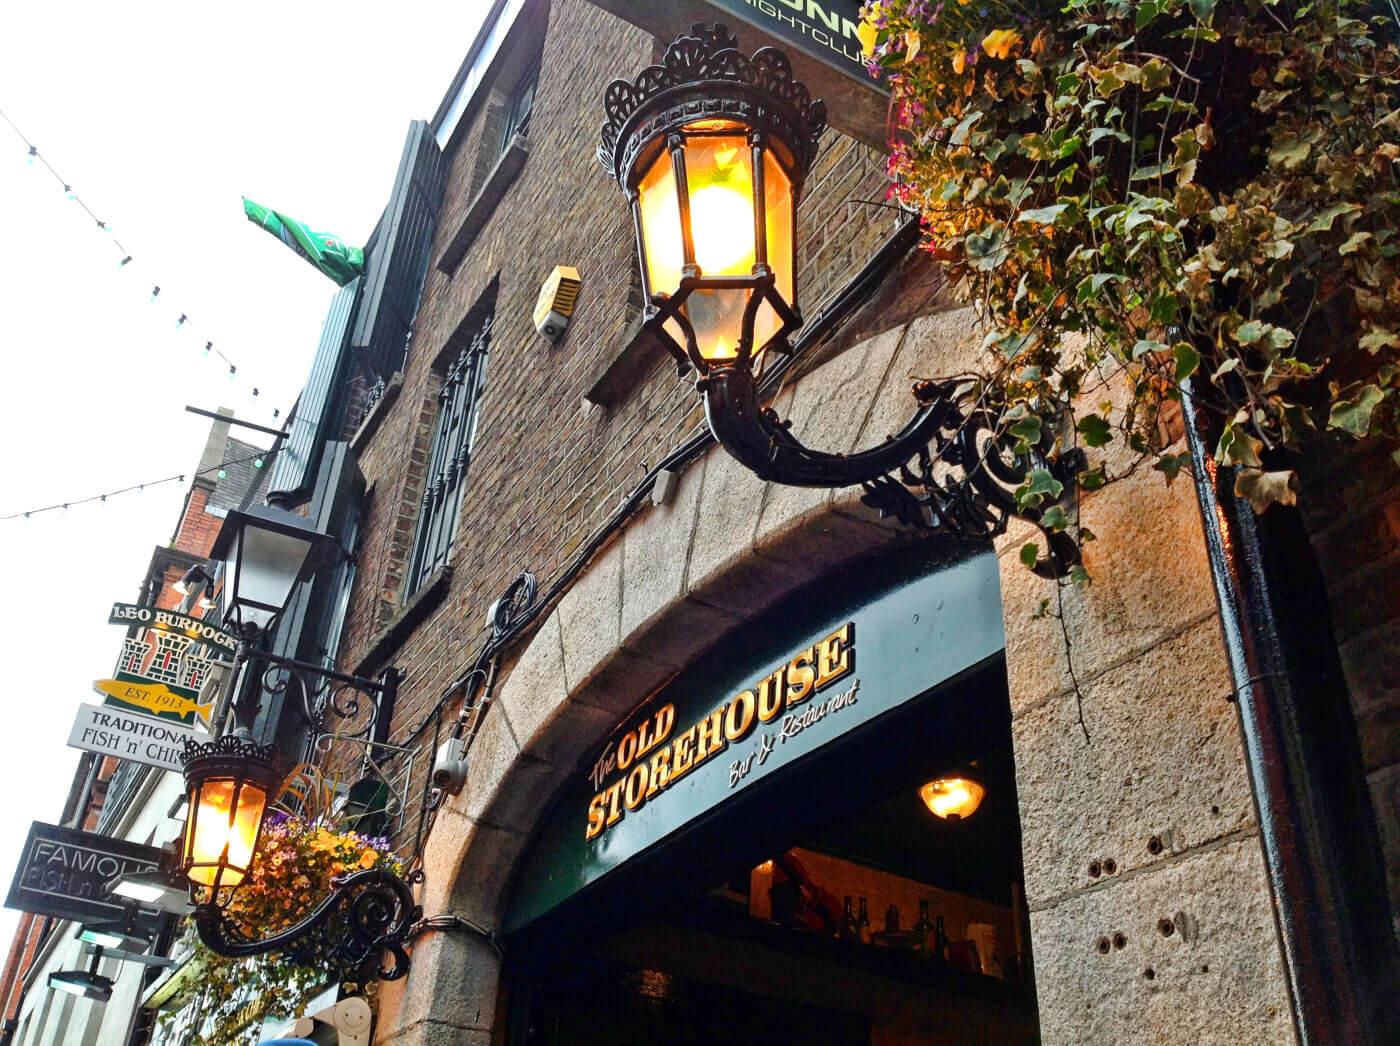 viaggiare-zaino-in-spalla-dublino-pub